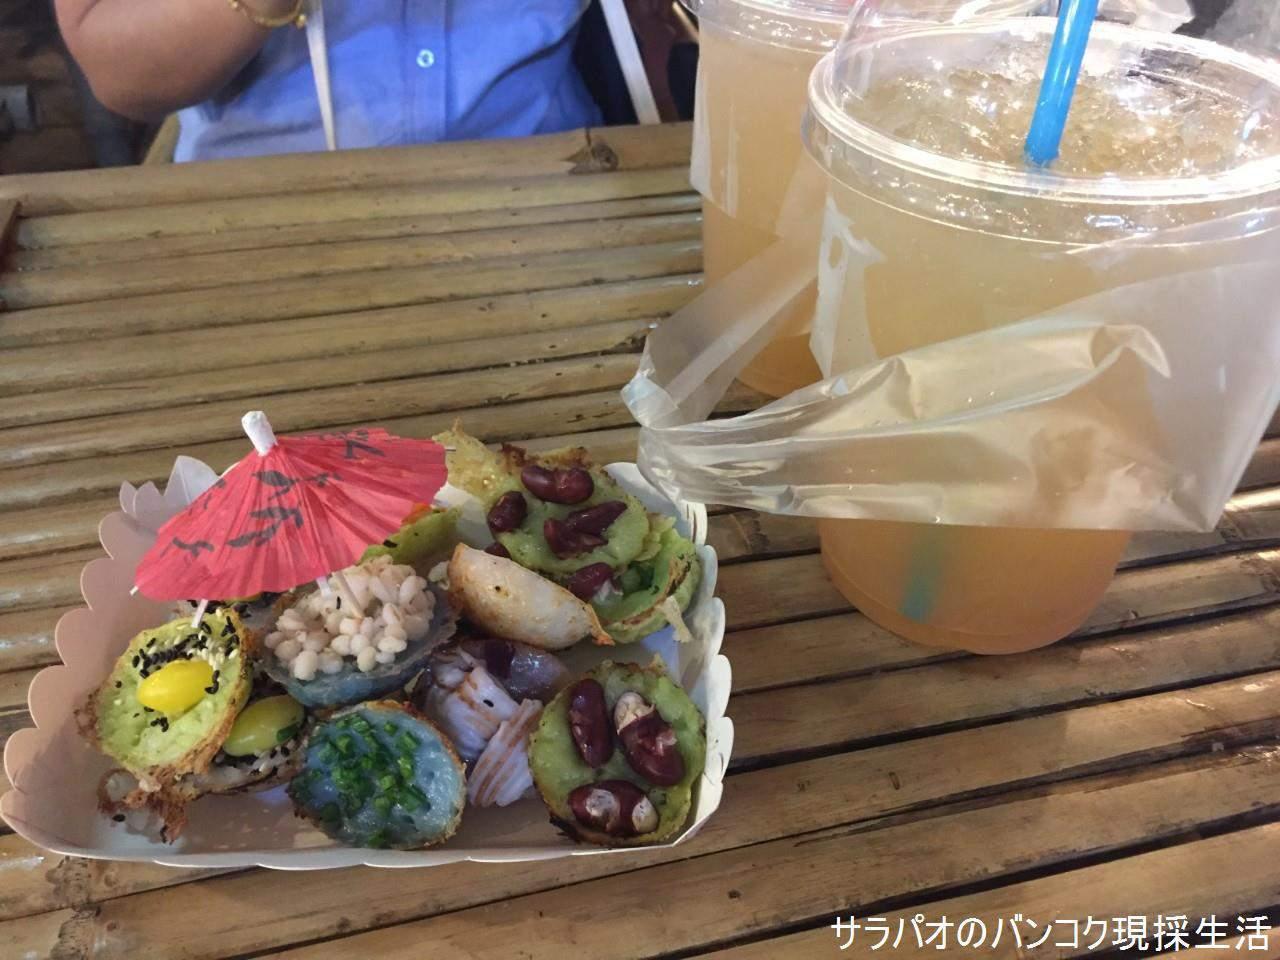 KhlongLatMaYomFloatingMarket_47.jpg